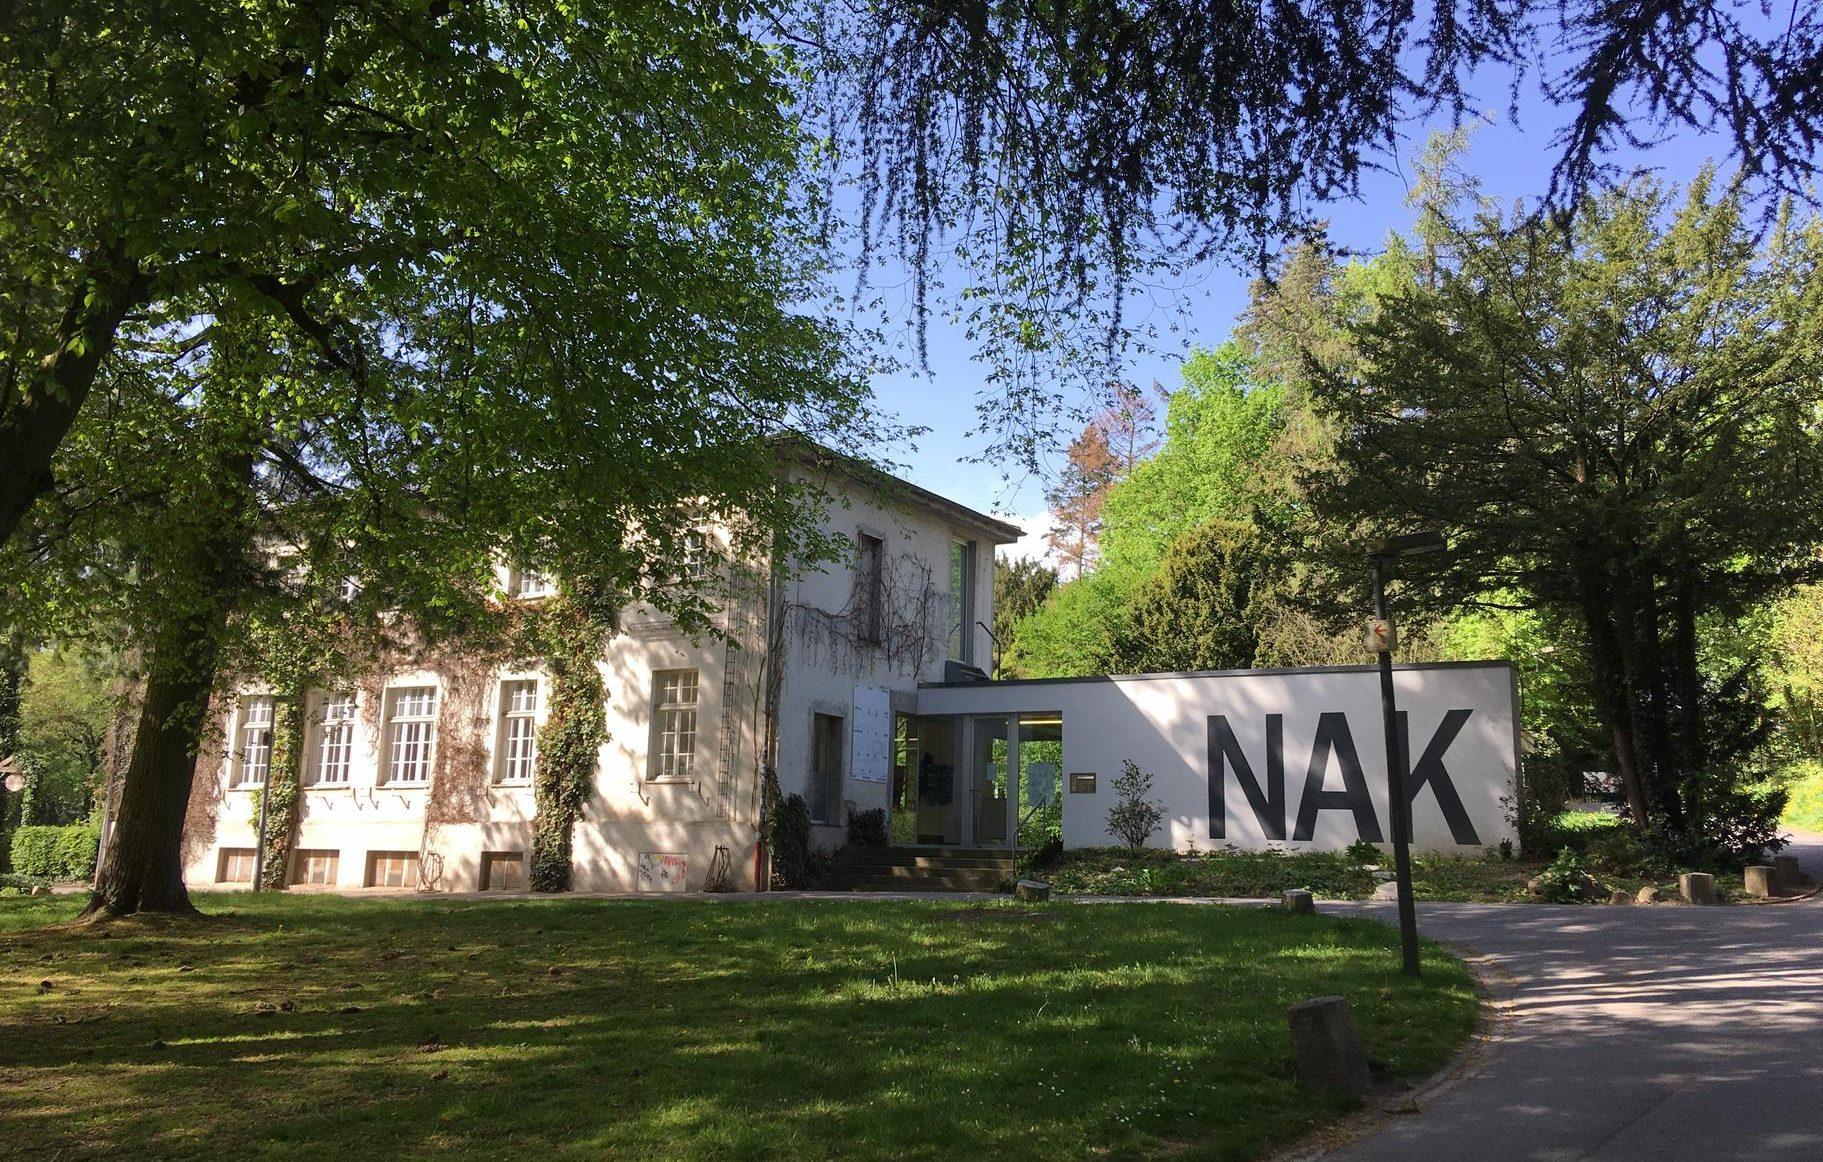 NAK Neuer Aachener Kunstverein ArtJunk Newsletter Kunst Aachen